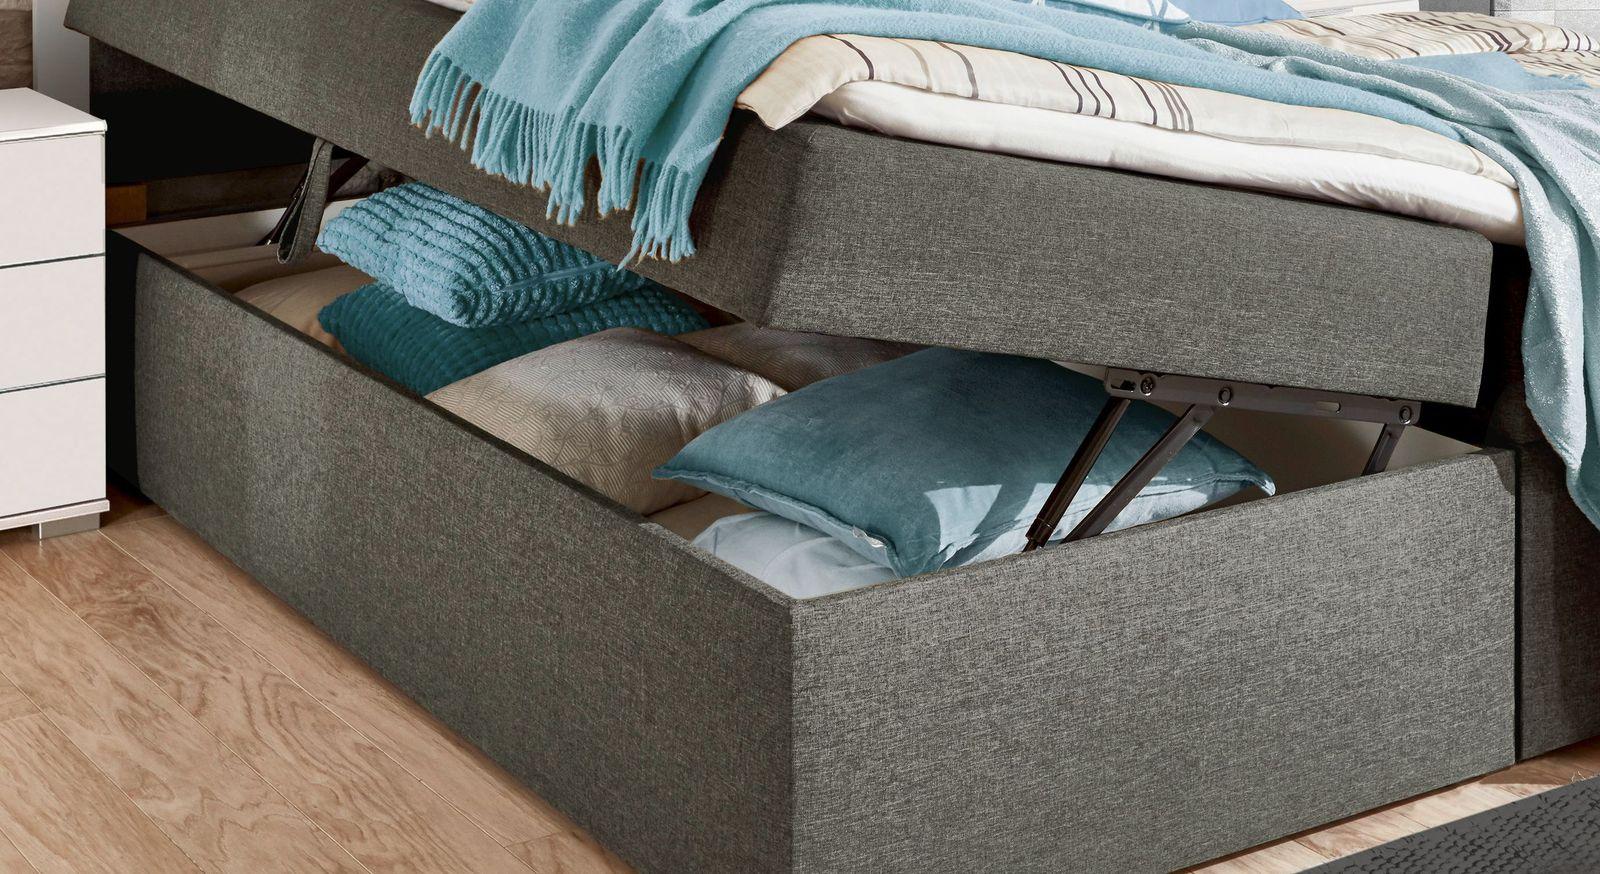 Boxbett Cartini inklusive Stauraummöglichkeiten